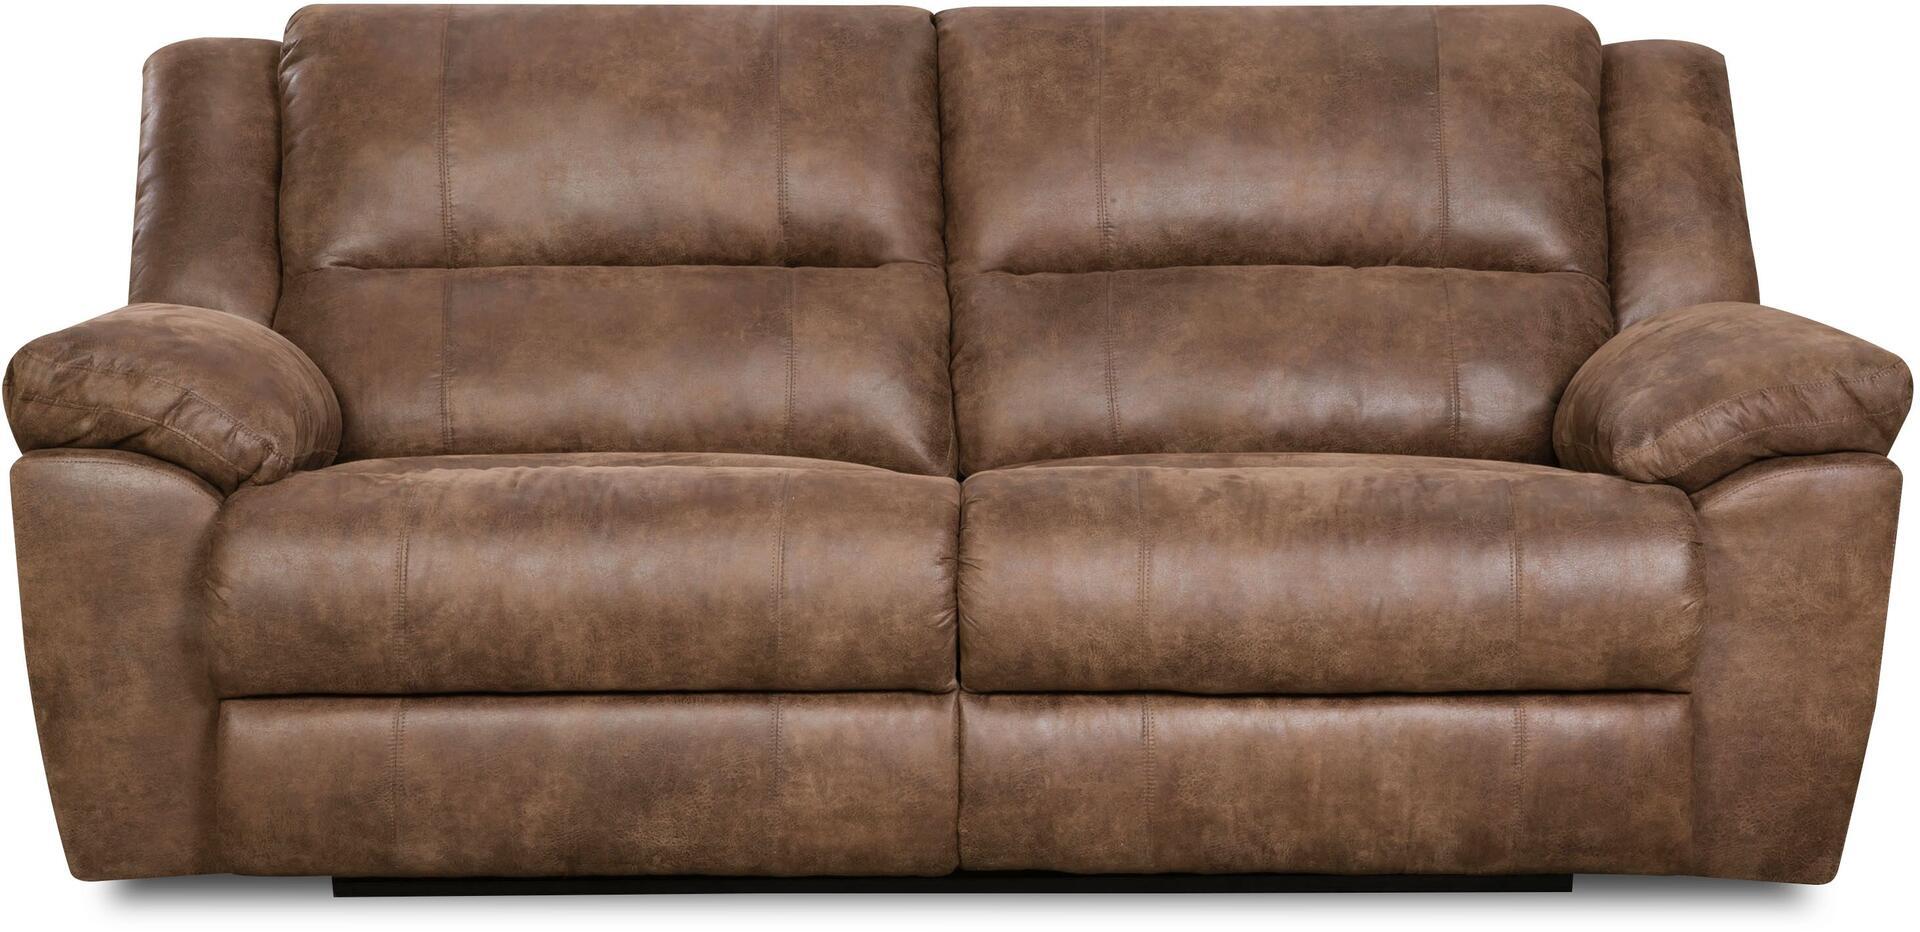 Lane Furniture Phoenix 1